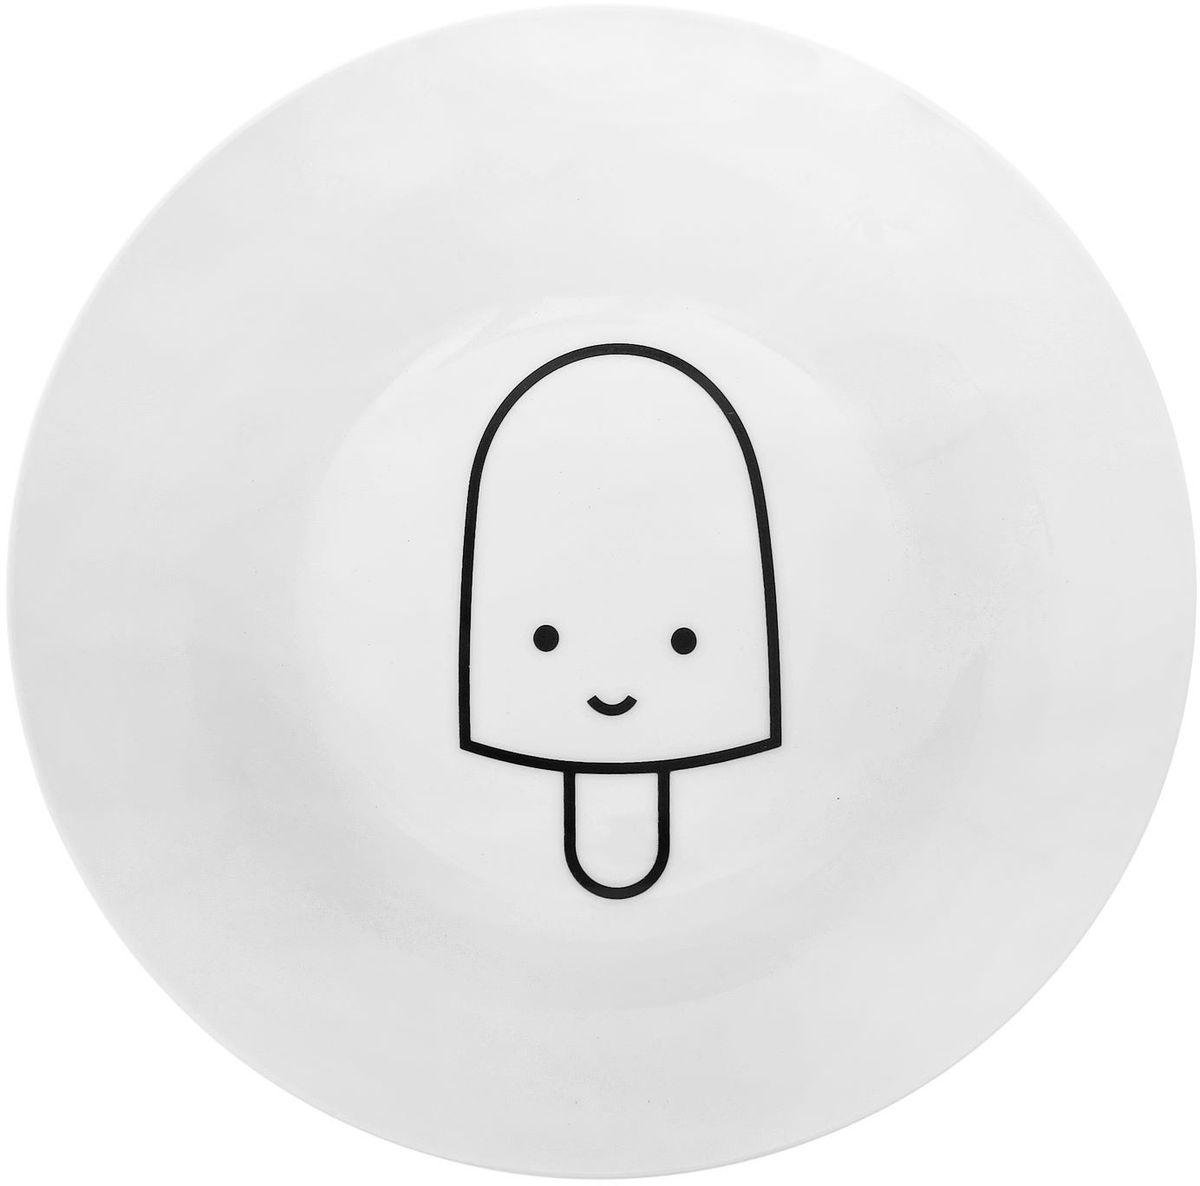 Тарелка глубокая Сотвори чудо My Little Ice Cream, диаметр 20 см1661804Хотите обновить интерьер кухни или гостиной? Устраиваете необычную фотосессию или тематический праздник? А может, просто ищете подарок для близкого человека? Посуда Сотвори Чудо — правильный выбор в любой ситуации. Тарелка Сотвори Чудо, изготовленная из изящного фаянса нежного сливочного цвета, оформлена оригинальным рисунком со стойкой краской. Пригодна для посудомоечной машины.